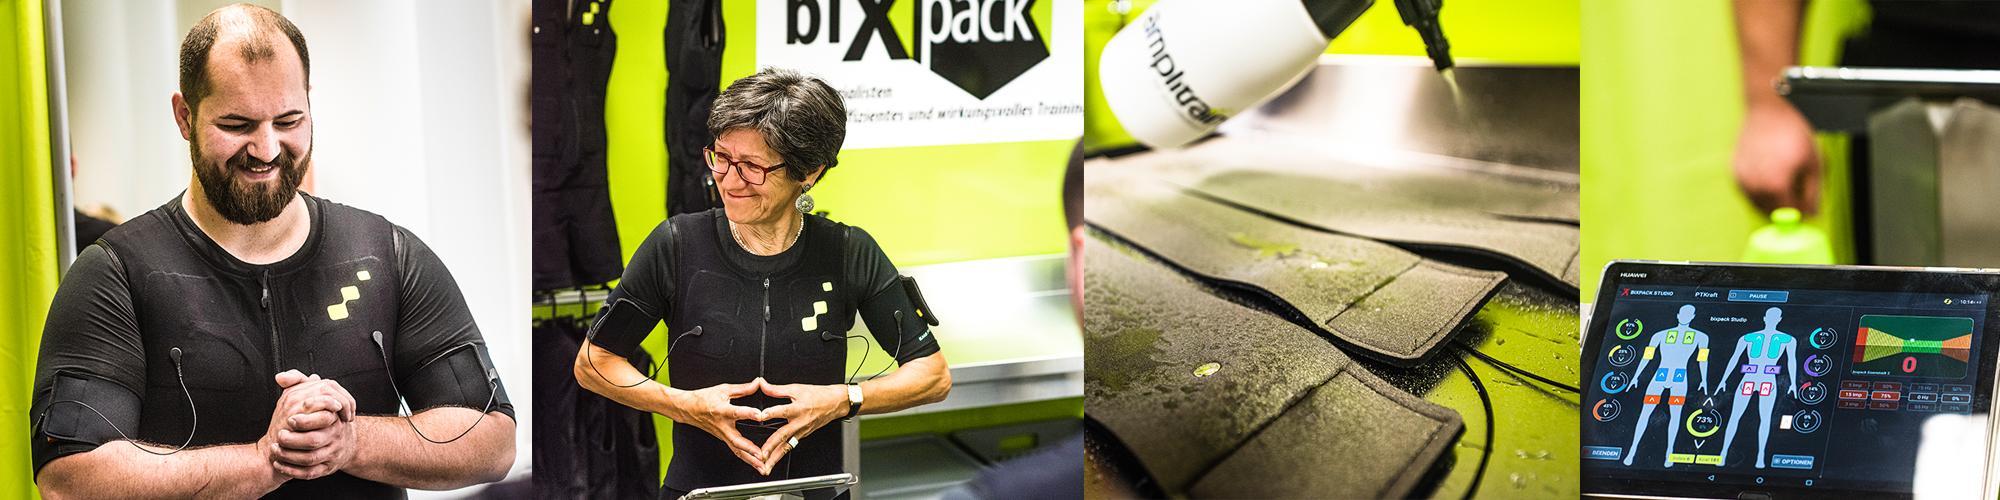 biXpack